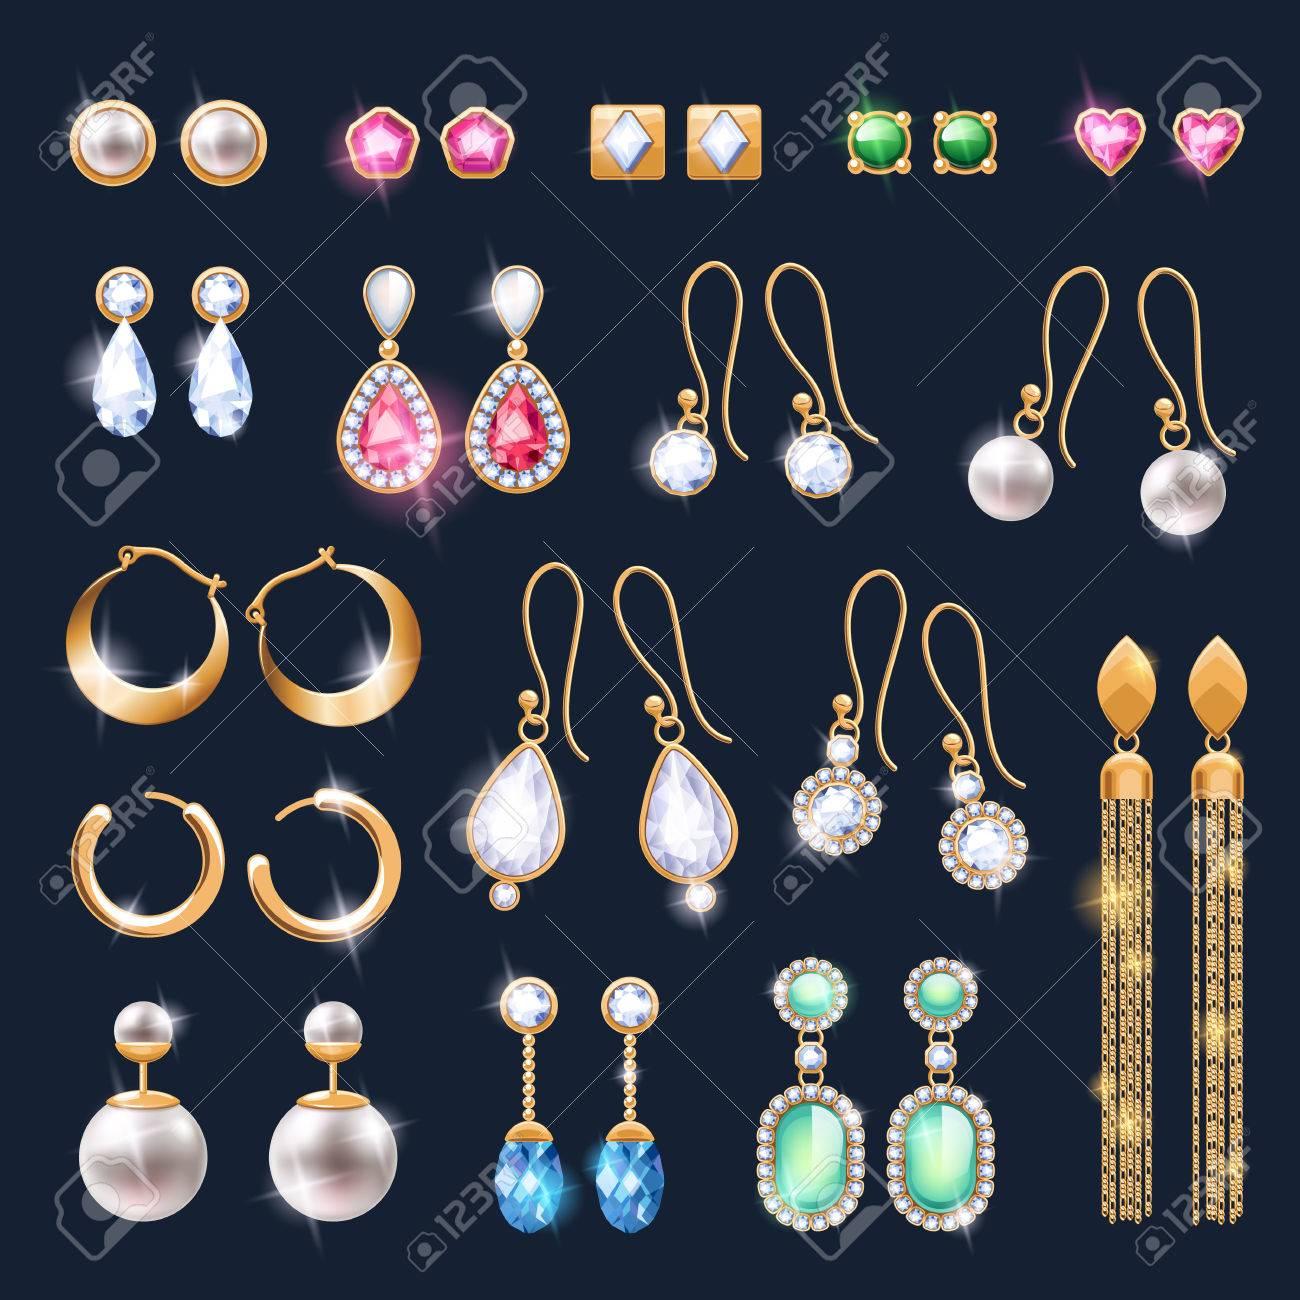 1554637d11f6 Foto de archivo - Pendientes de joyería accesorios realistas iconos. Oro y piedras  preciosas perlas de diamante colgante ilustración vectorial.